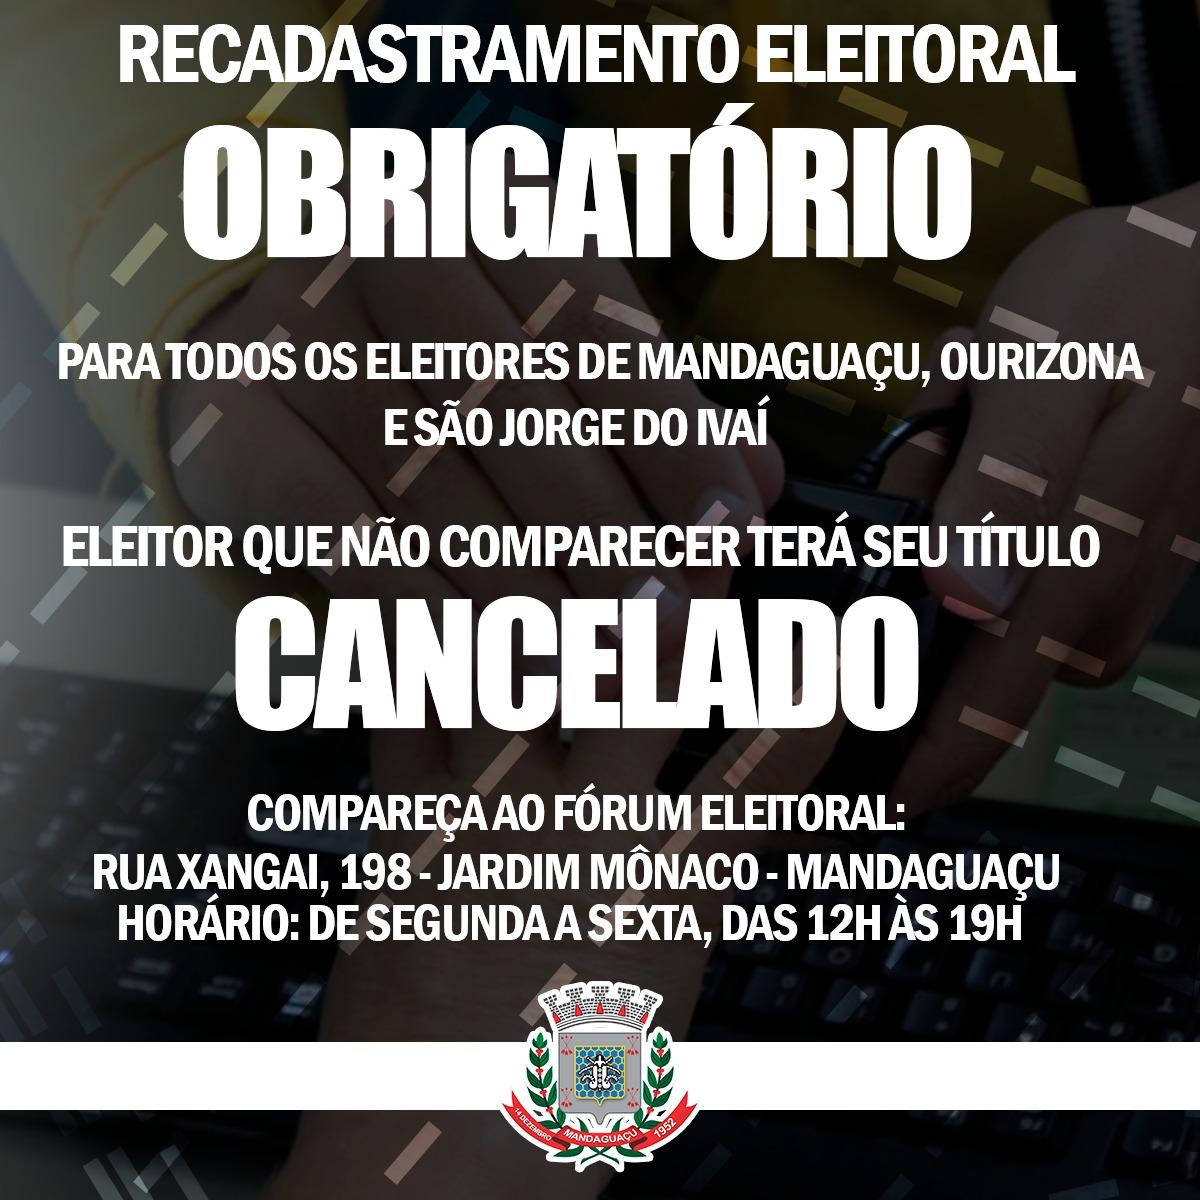 Último prazo para cadastro biométrico em Mandaguaçu